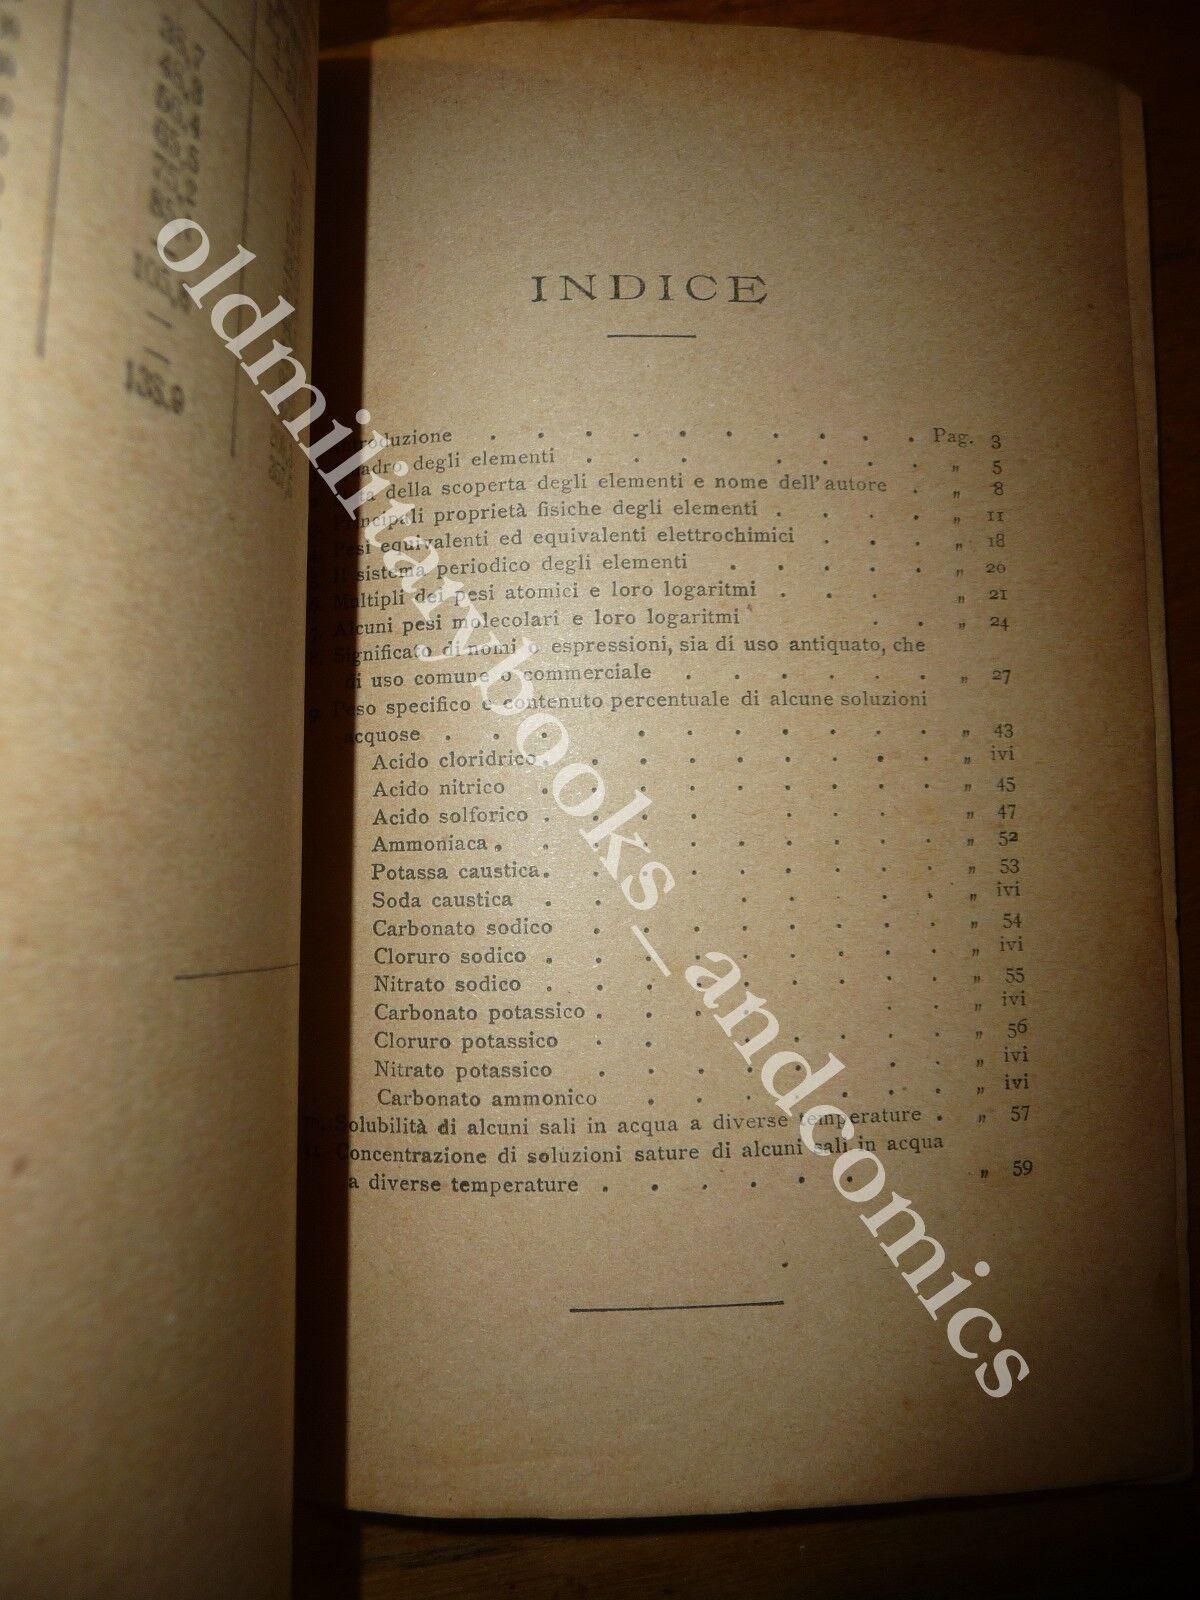 FORMULARIO DI CHIMICA INORGANICA ANGELO COPPADORO s.d. ma 1868